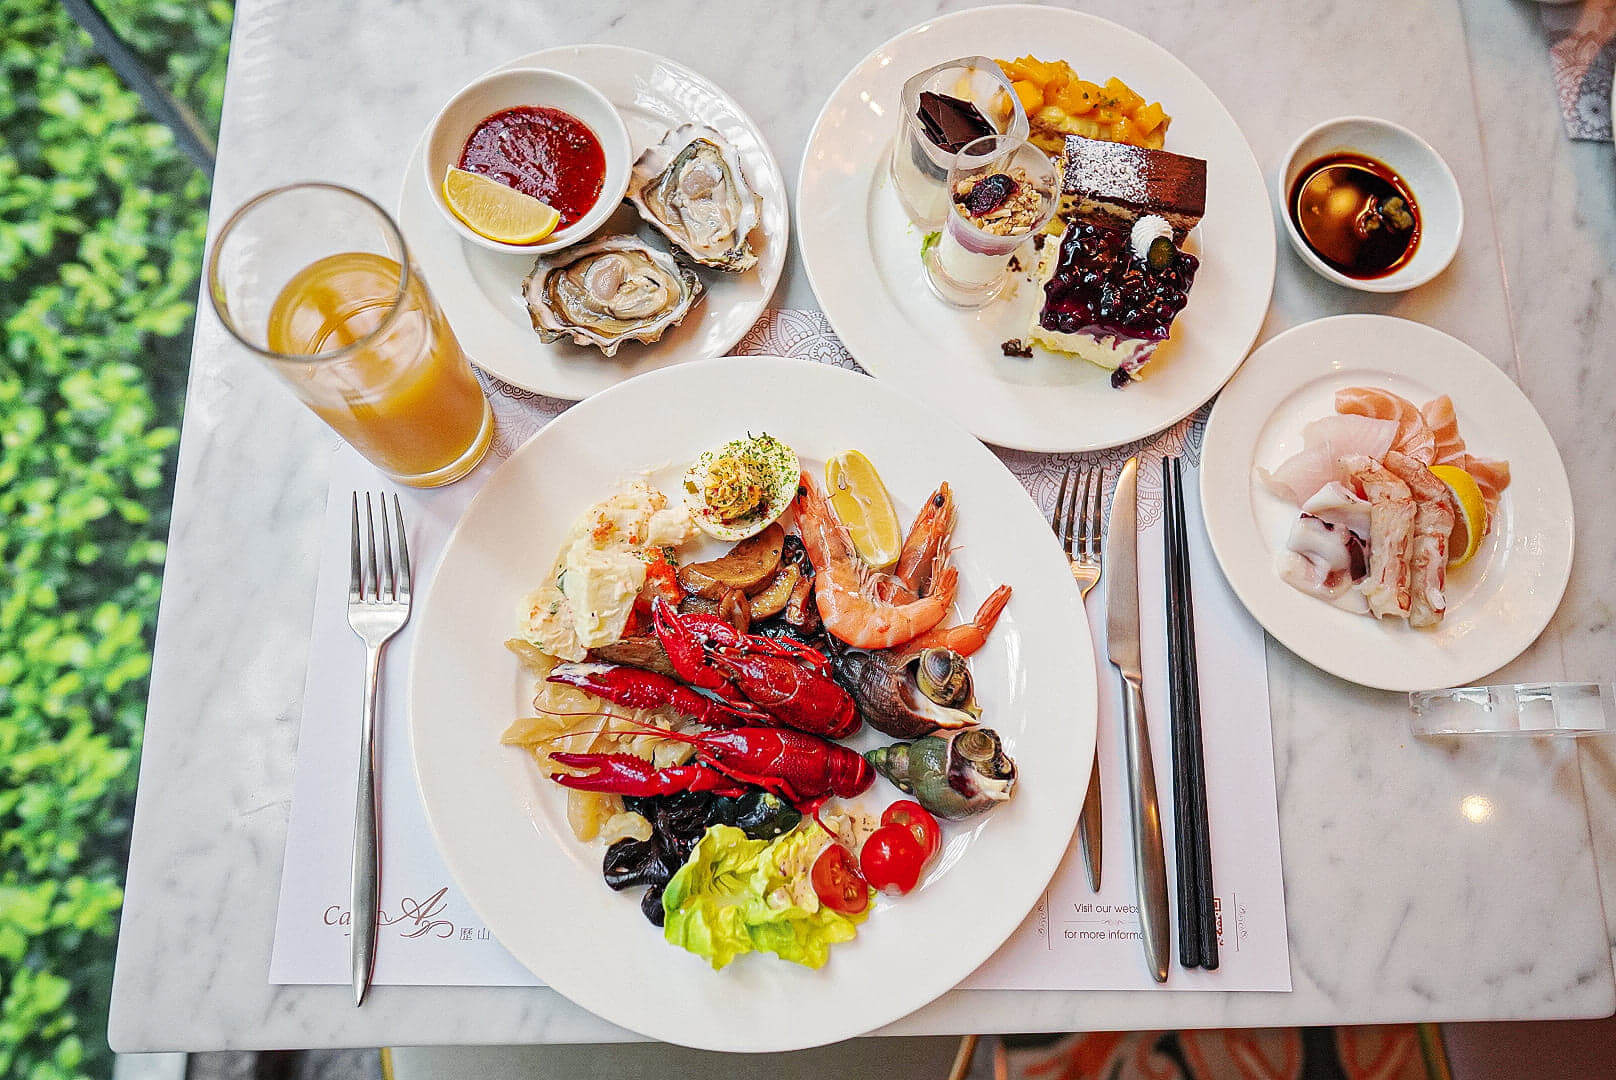 凍海鮮、刺身或中西美食,整體質素都唔錯。